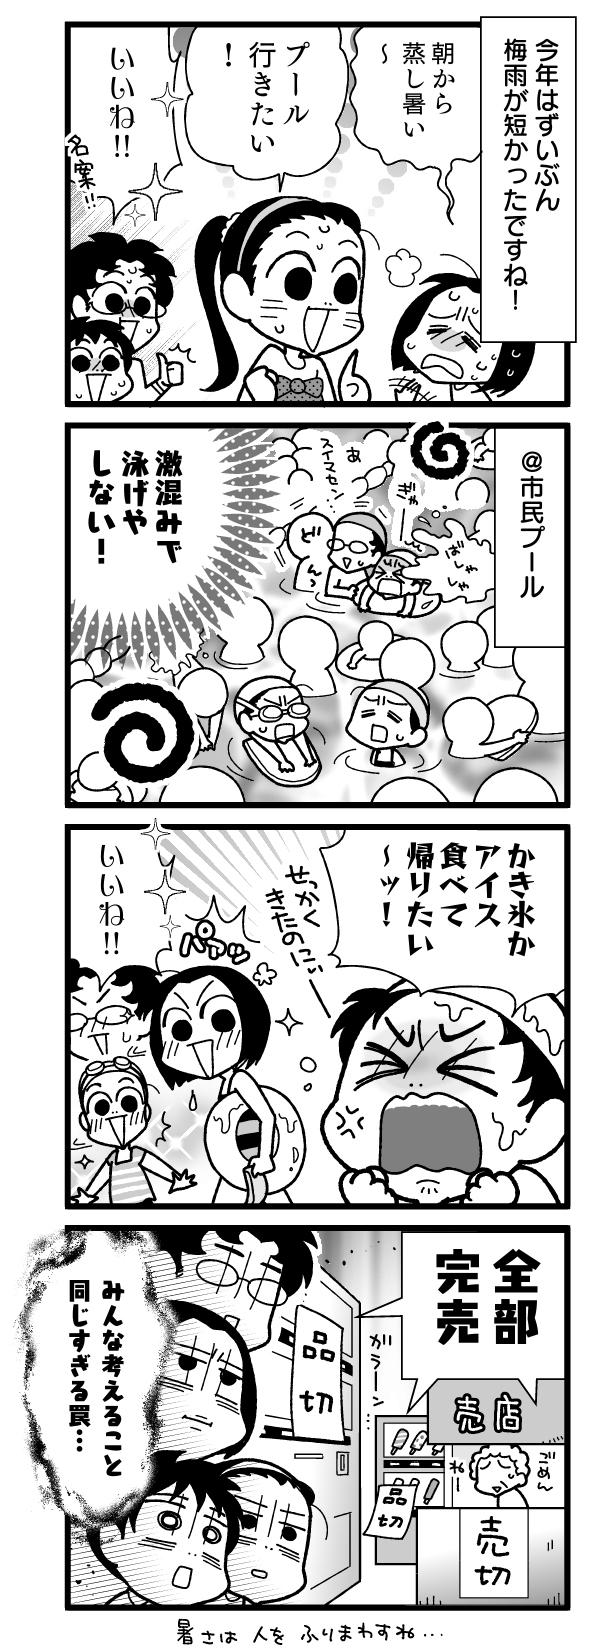 漫画『怒濤のにゅーじヨージ』Vol.212「こどもの名案」 1コマ目